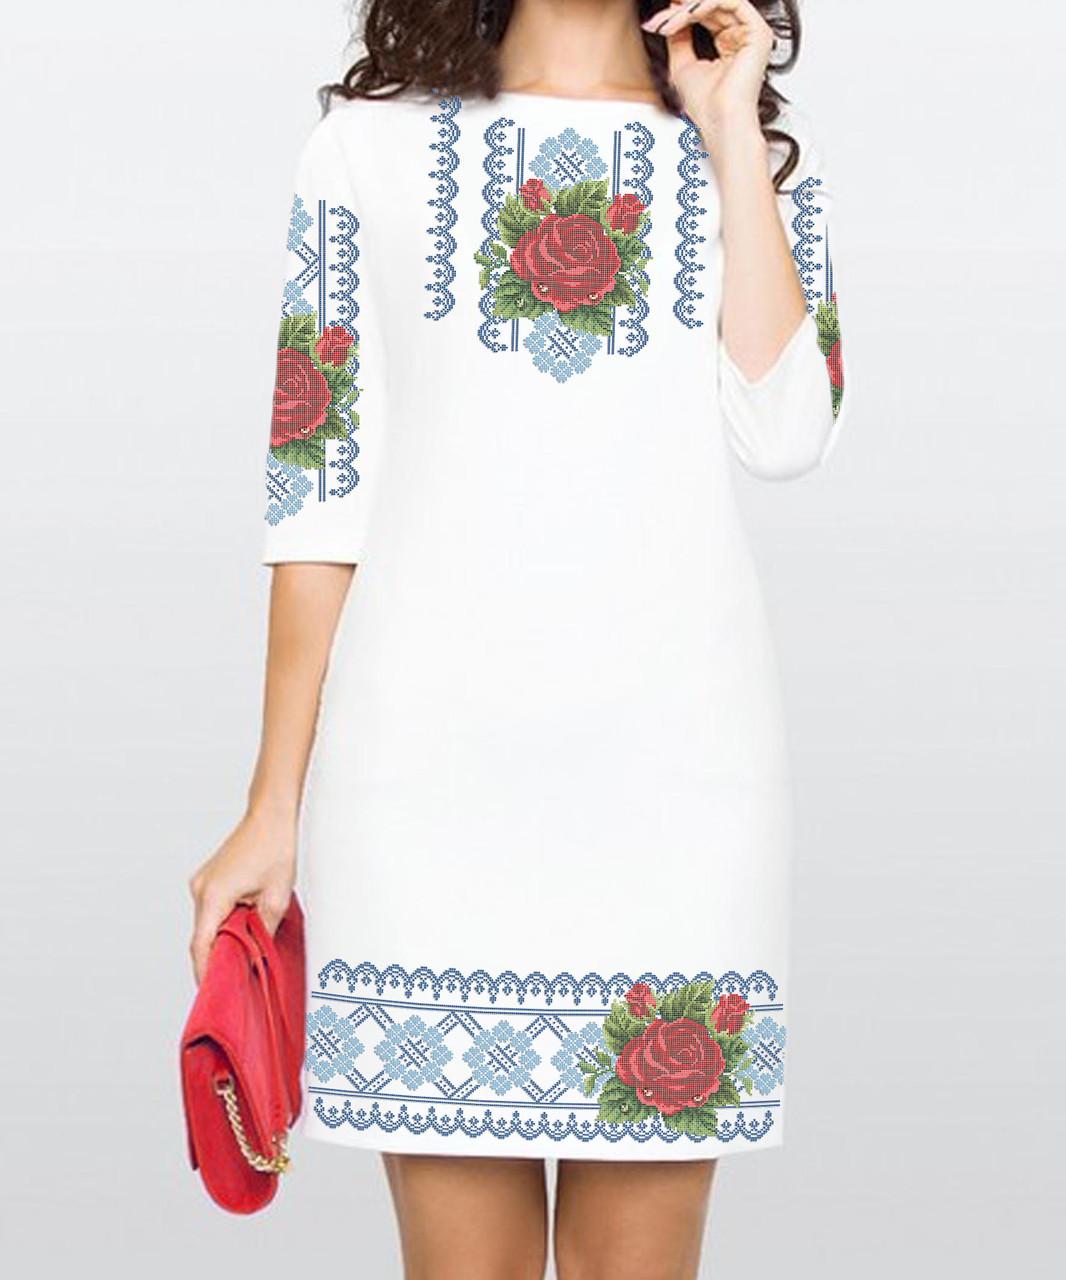 Заготовка жіночого плаття чи сукні для вишивки та вишивання бісером Бисерок  «Троянда в росі в голубому орнаменті» (П-59-Г )